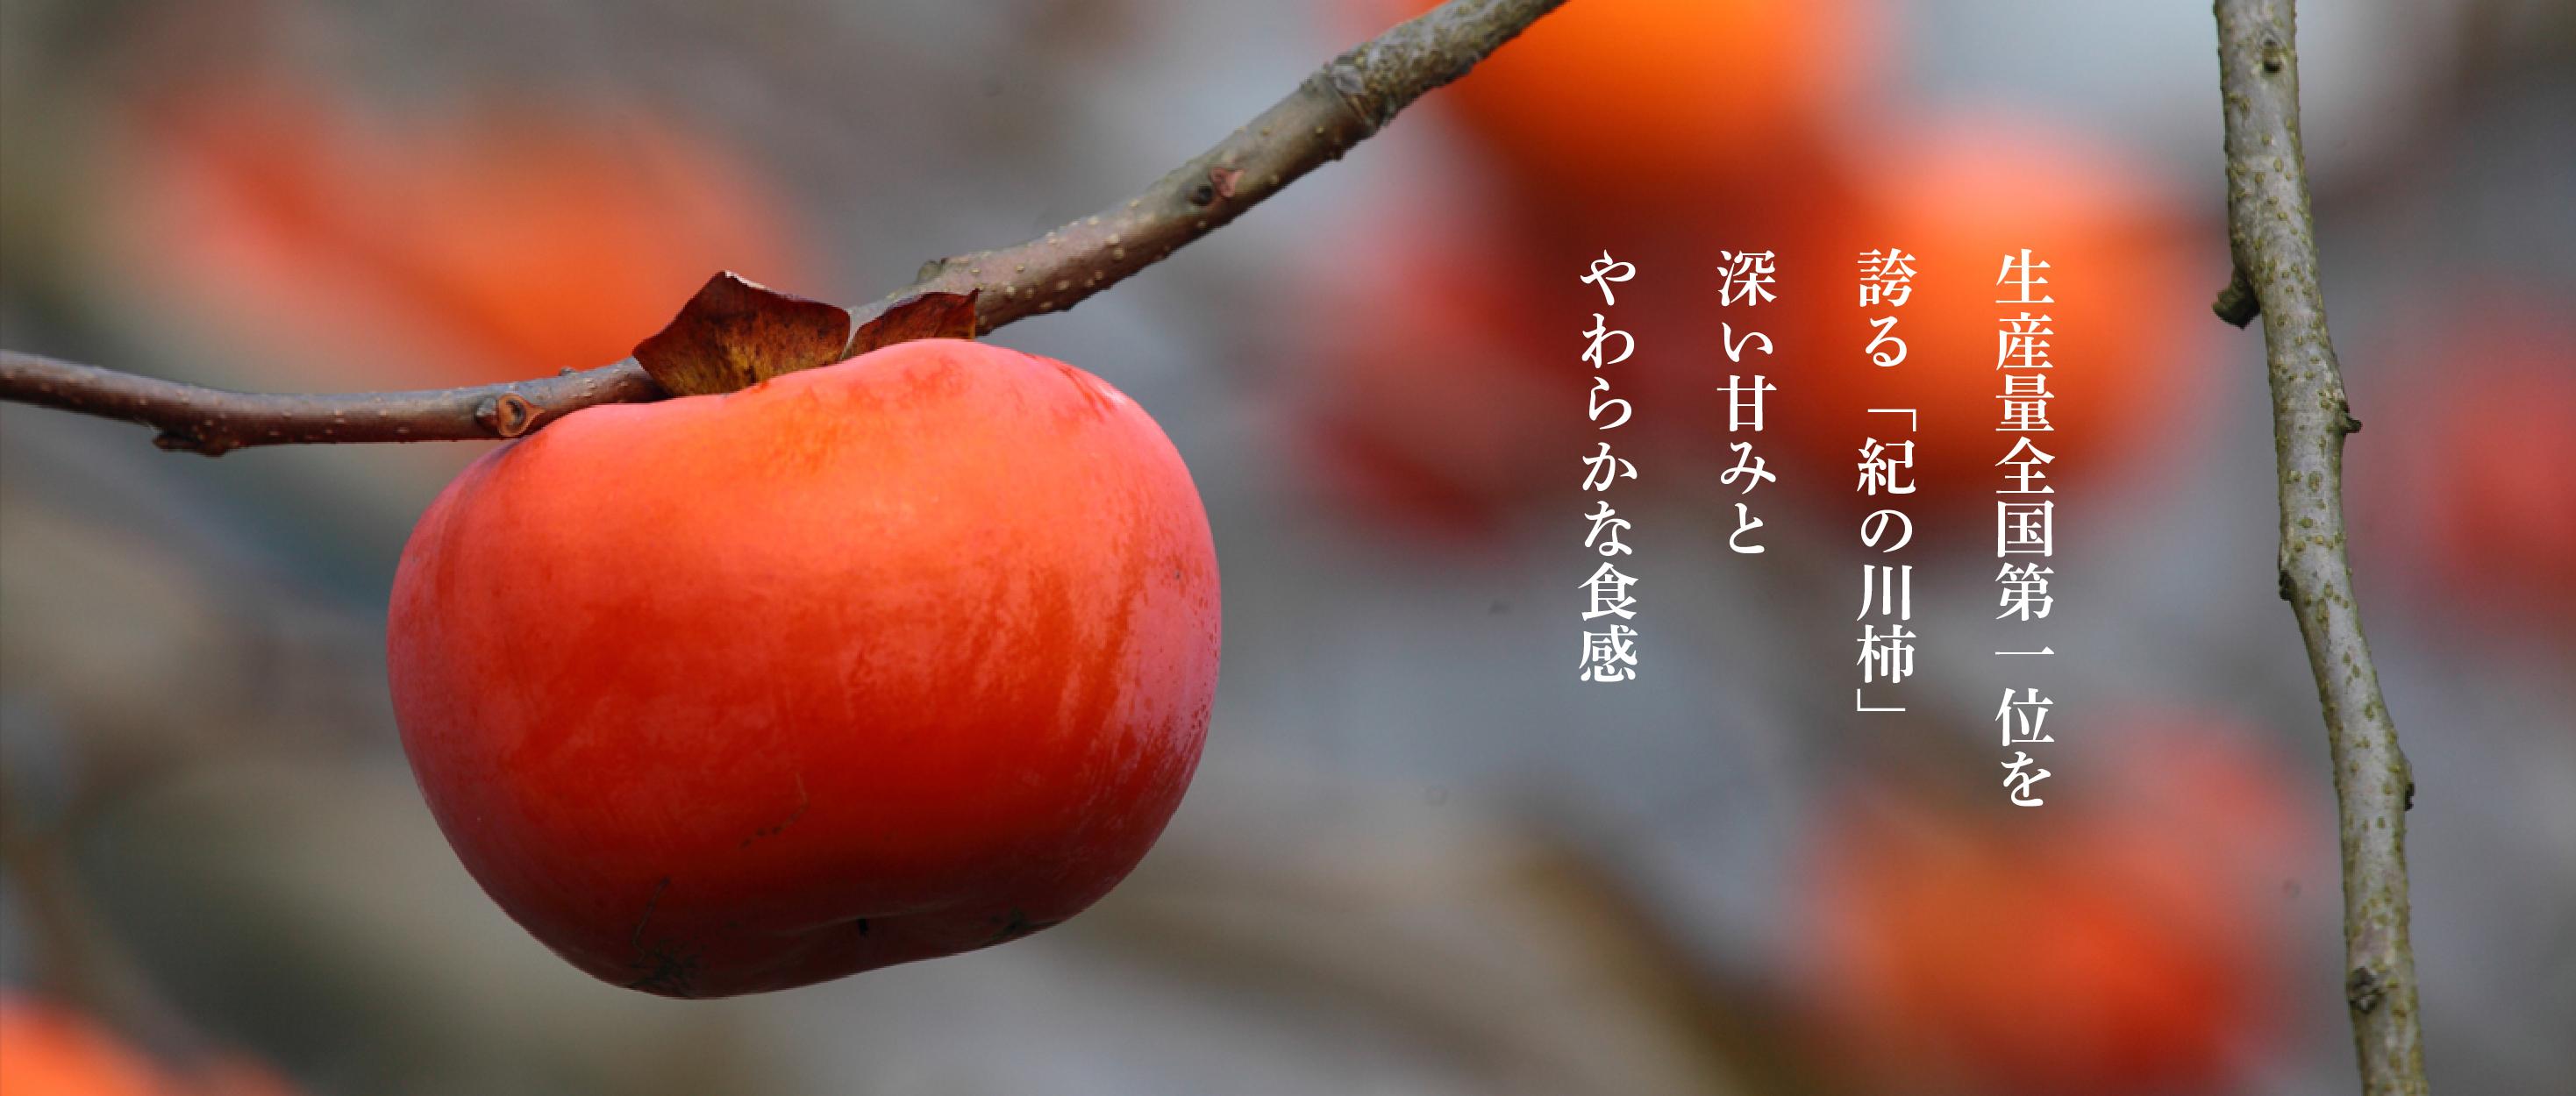 「紀の川柿」深い甘みとやわらかな食感